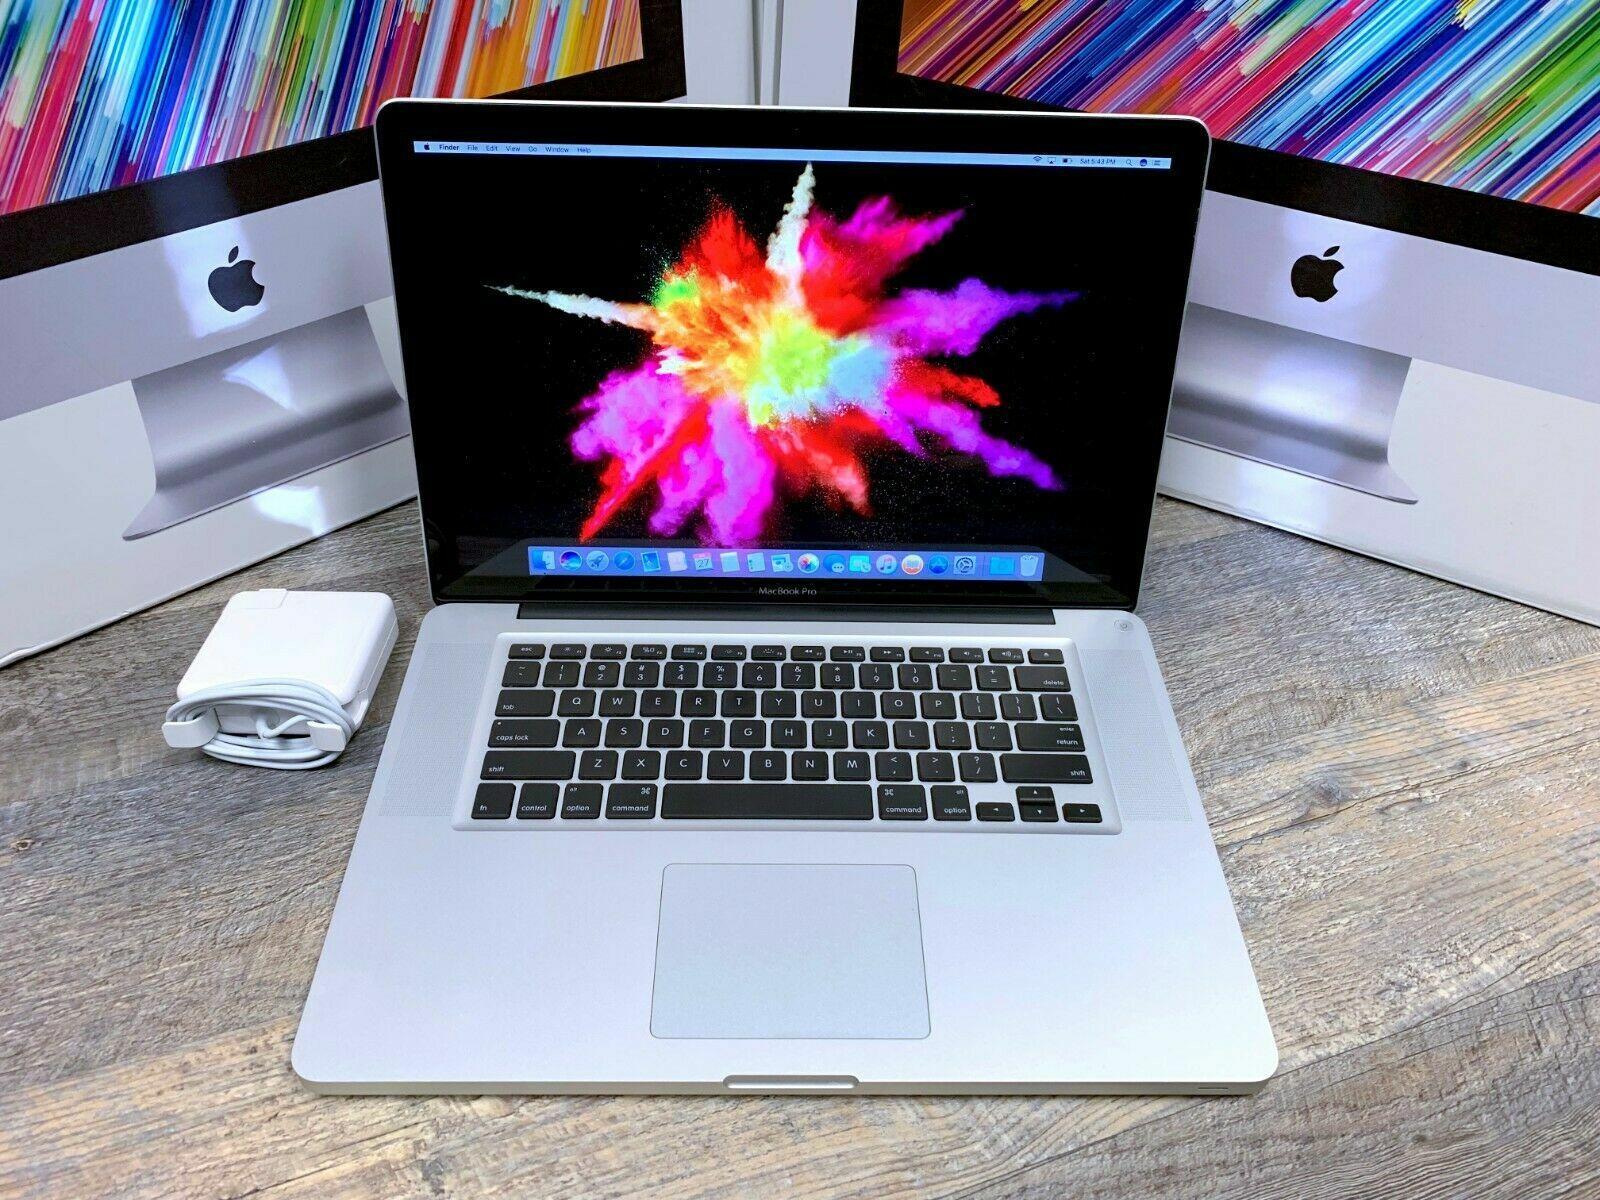 Apple MacBook Pro 15 / GRAY / 1TB SSD / 16GB RAM / INTEL CORE i7 / WARRANTY. Buy it now for 799.00